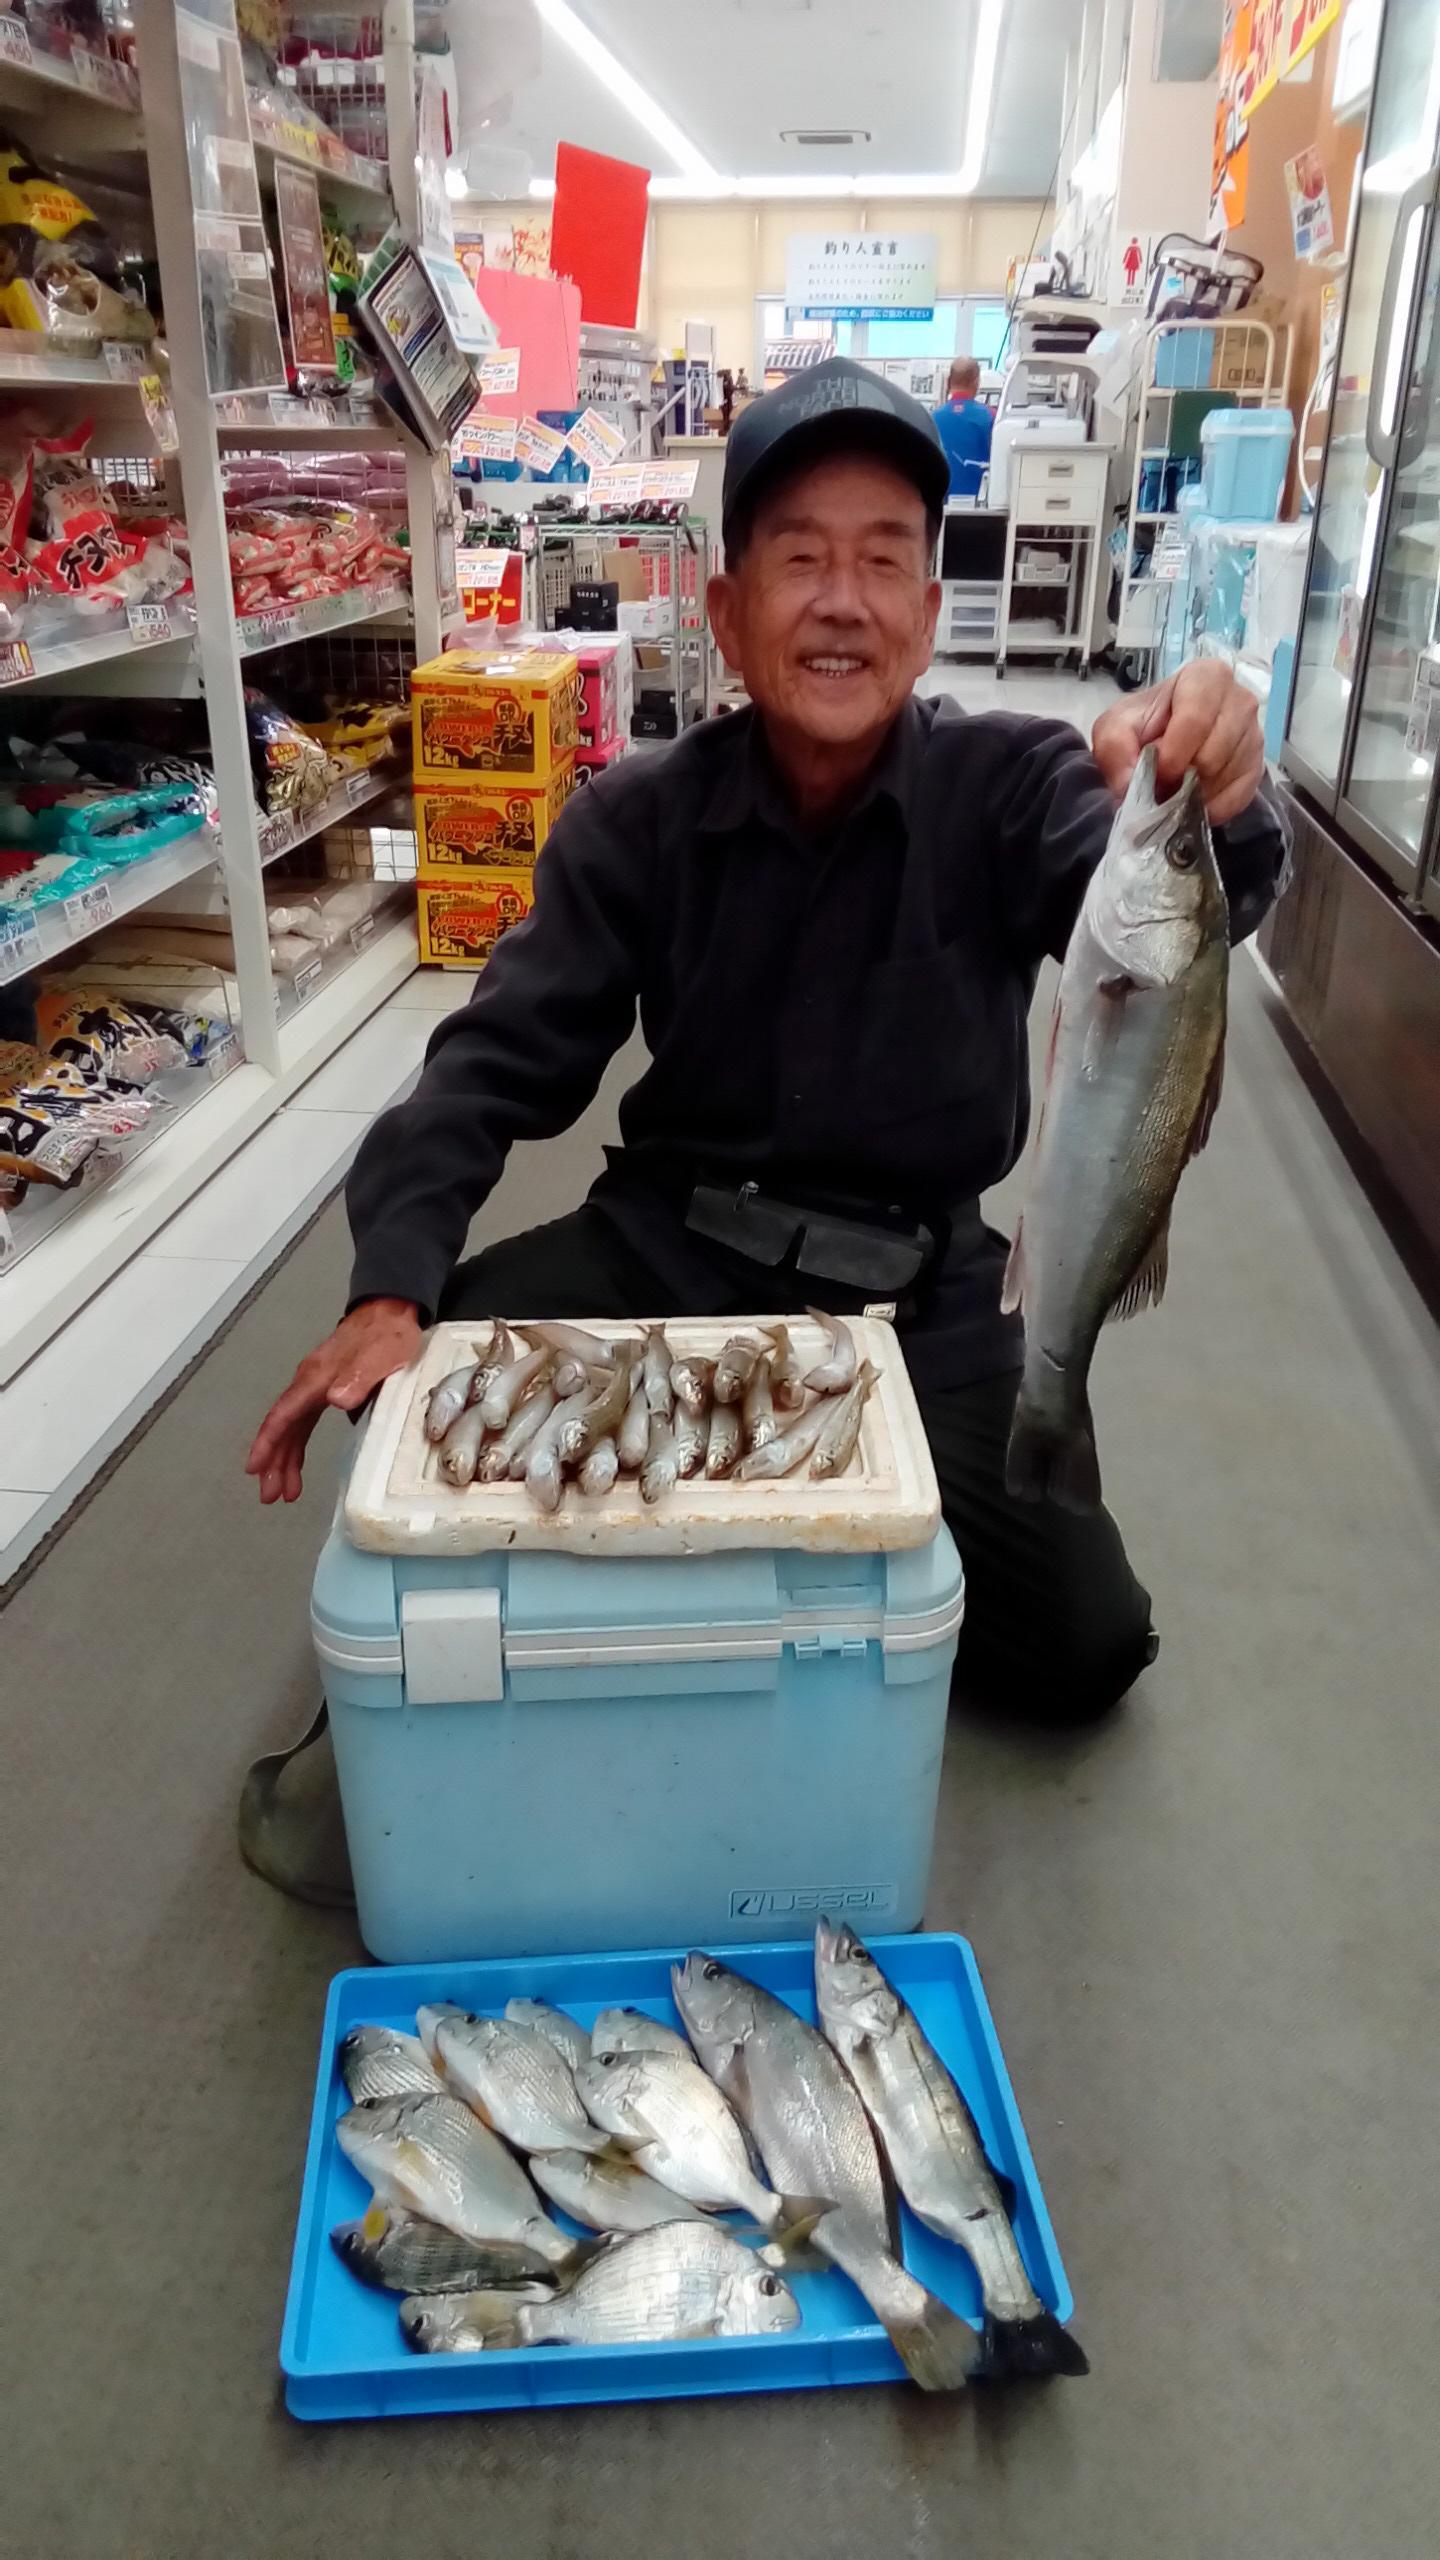 キス24匹、ヘダイ12匹、イシモチ1匹、スズキ2匹と多彩な釣果。